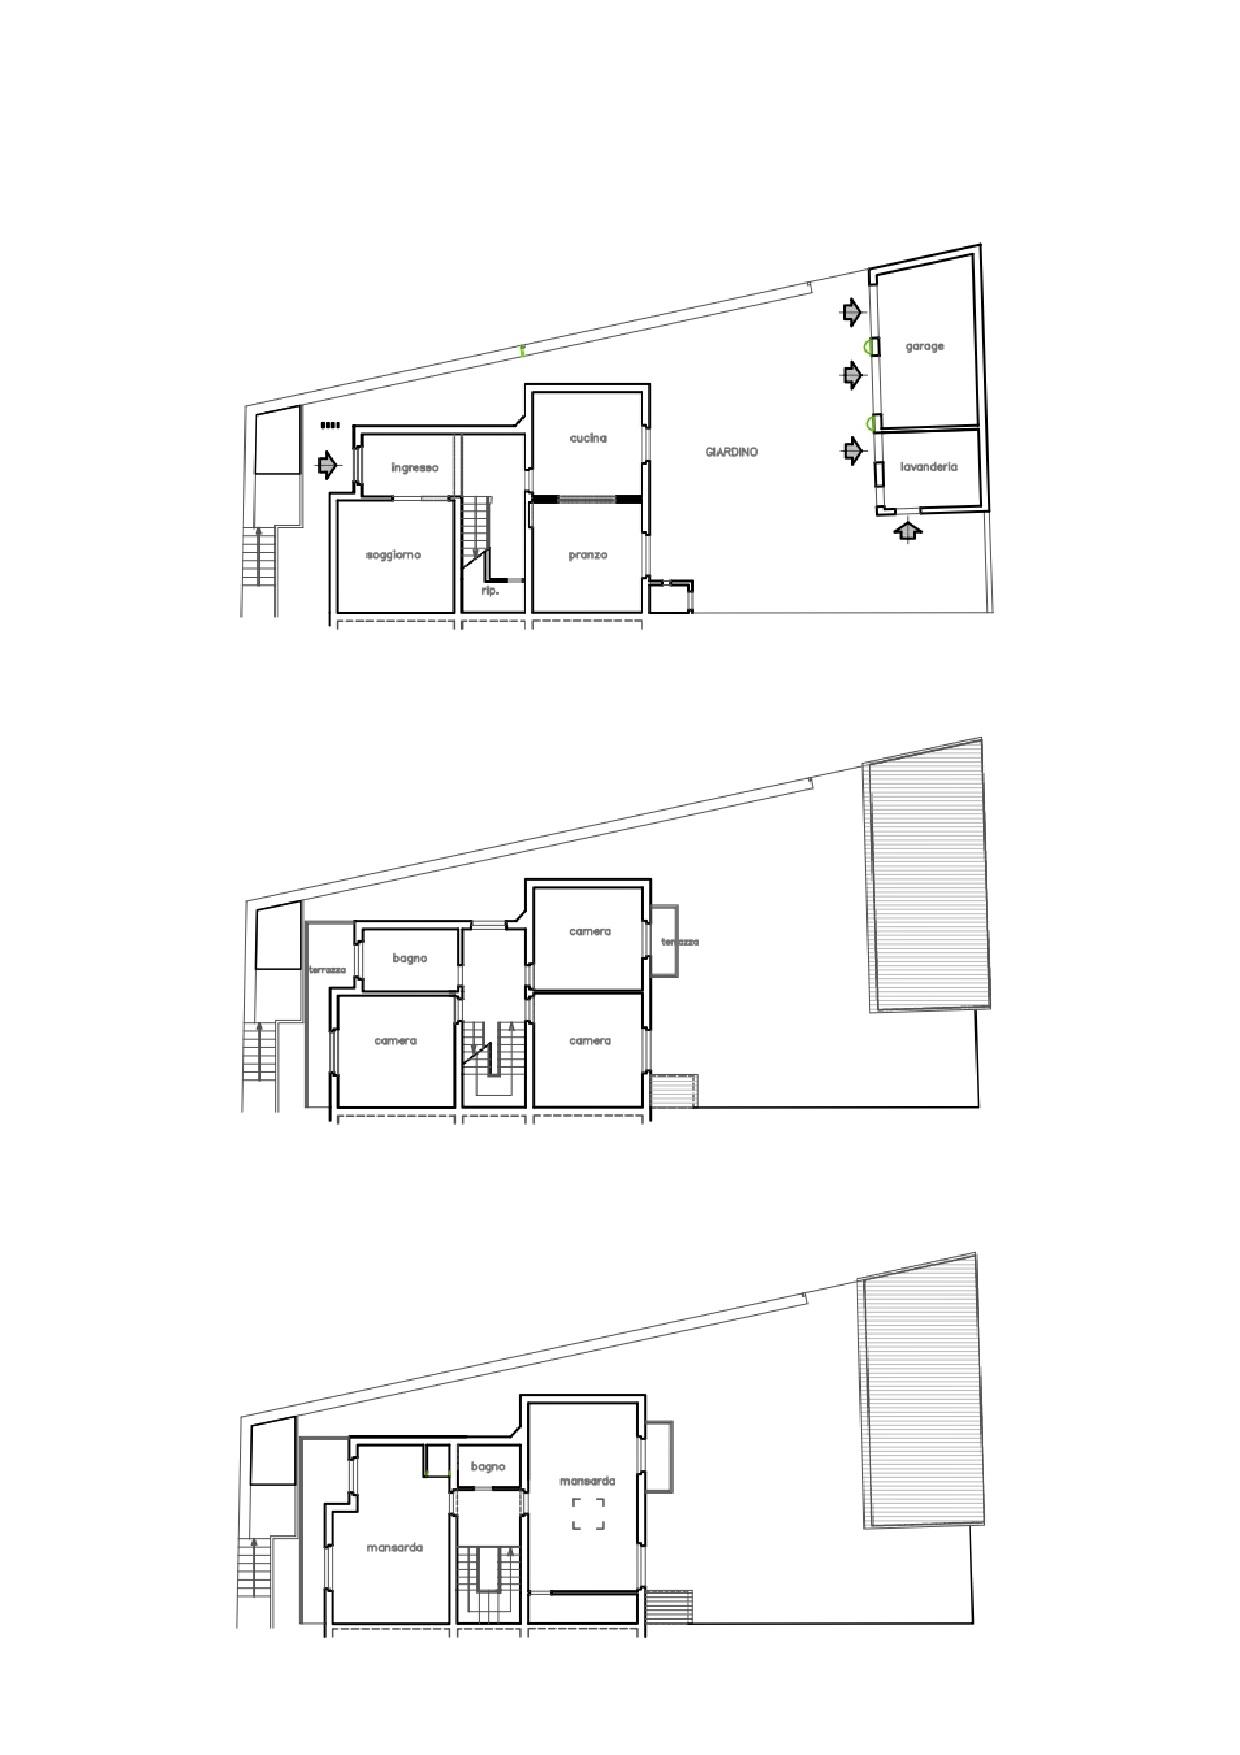 Villetta a schiera in vendita, rif. K098 (Planimetria 1/1)